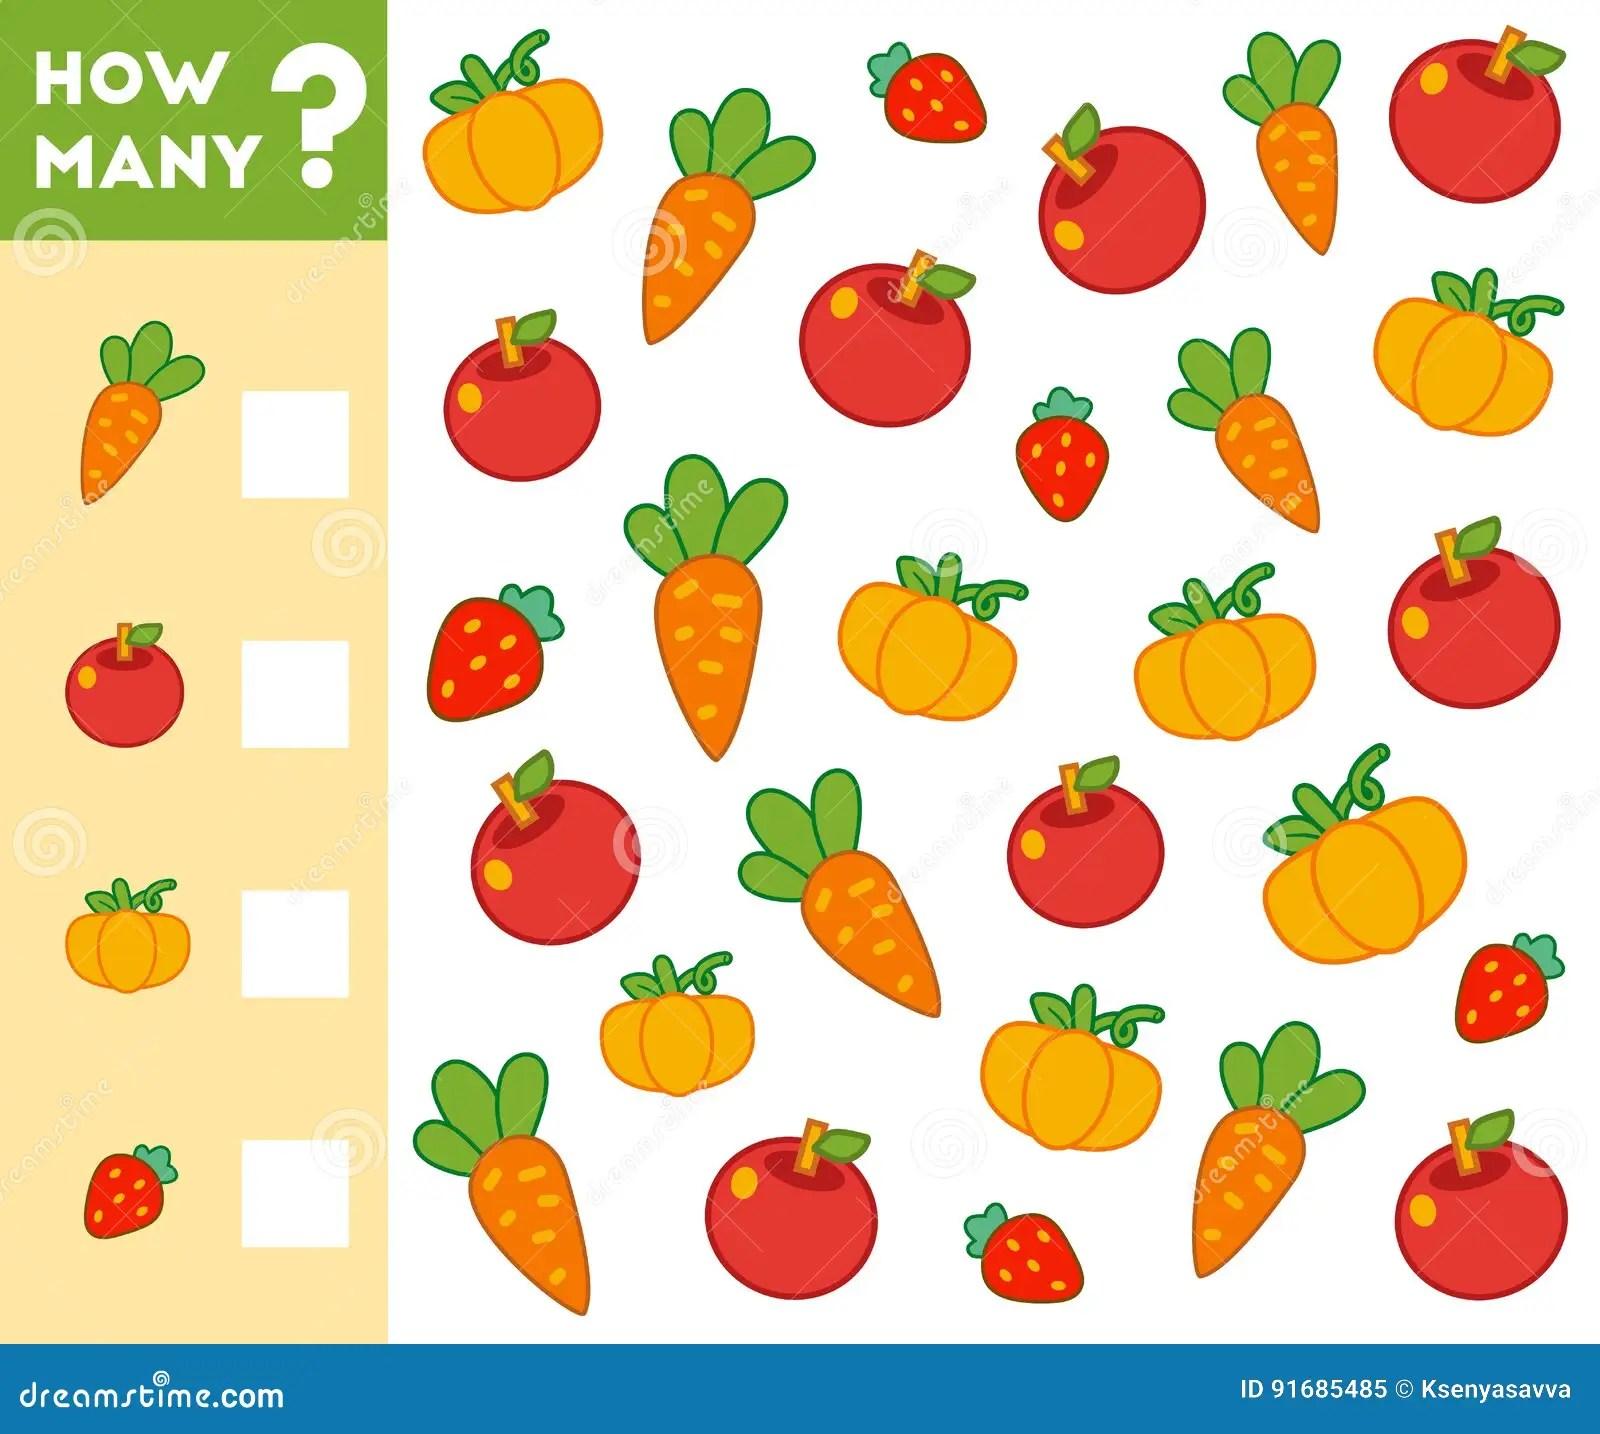 Compte Du Jeu Pour Des Enfants Comptez Combien De Fruits